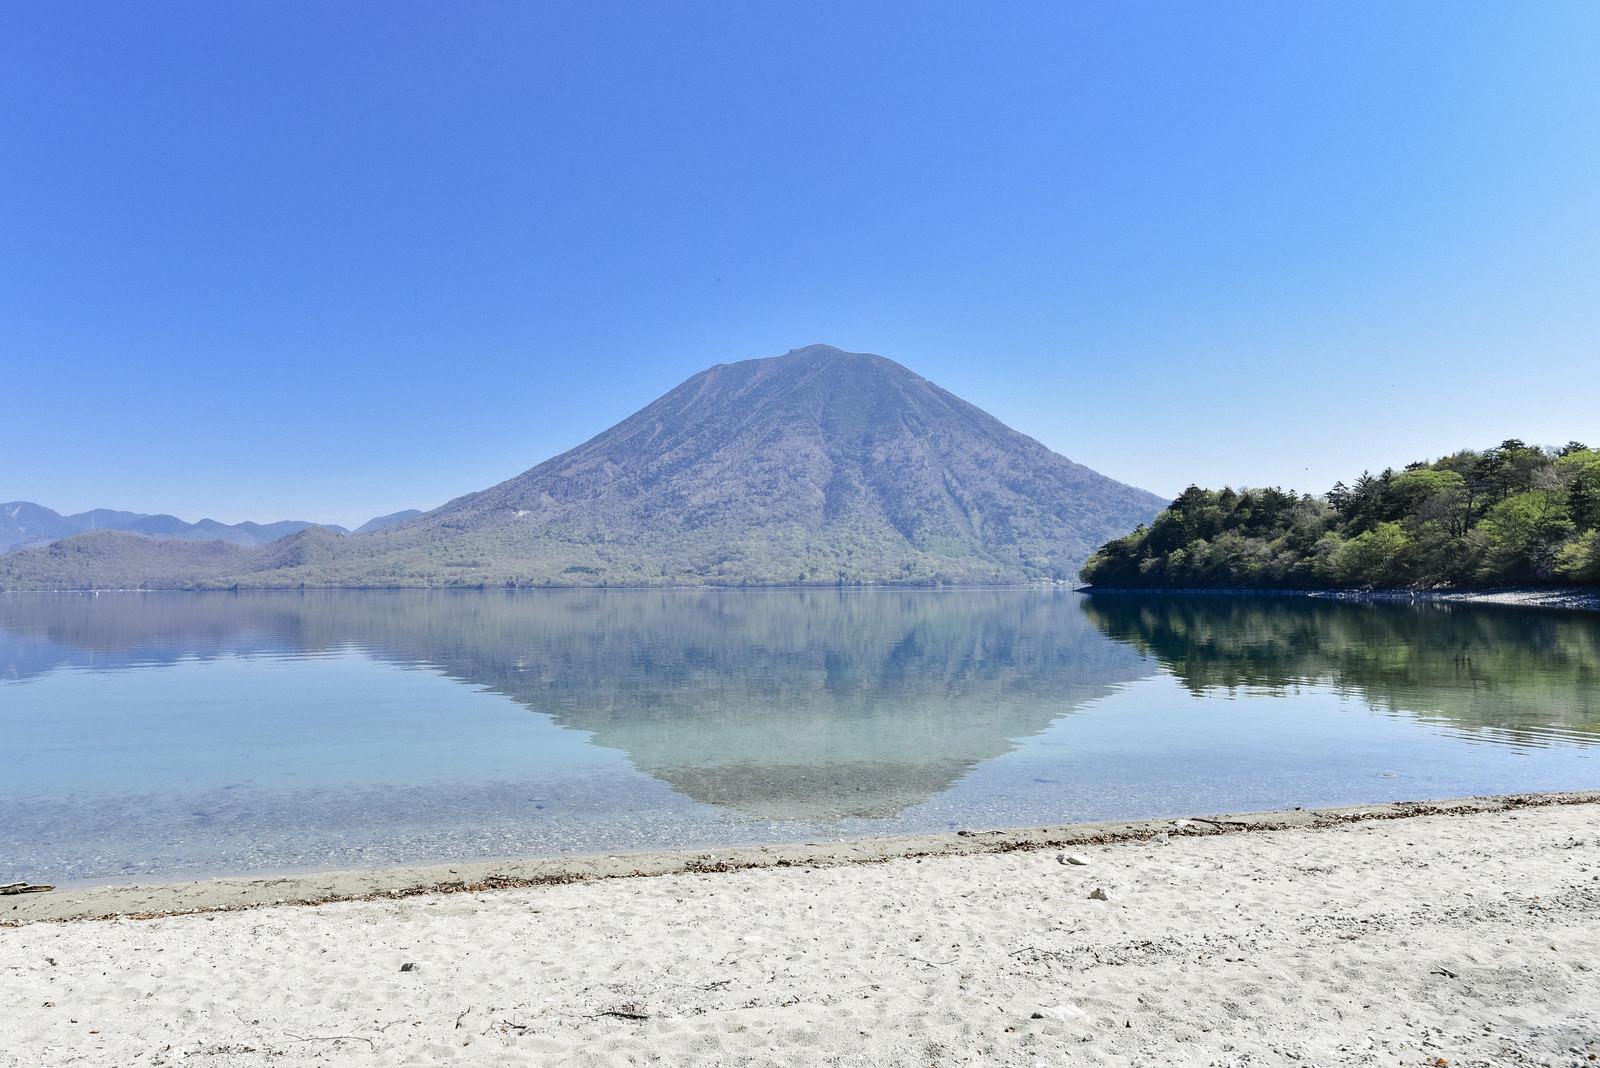 「砂浜の向こうに浮かぶ男体山(栃木県日光市)」の写真